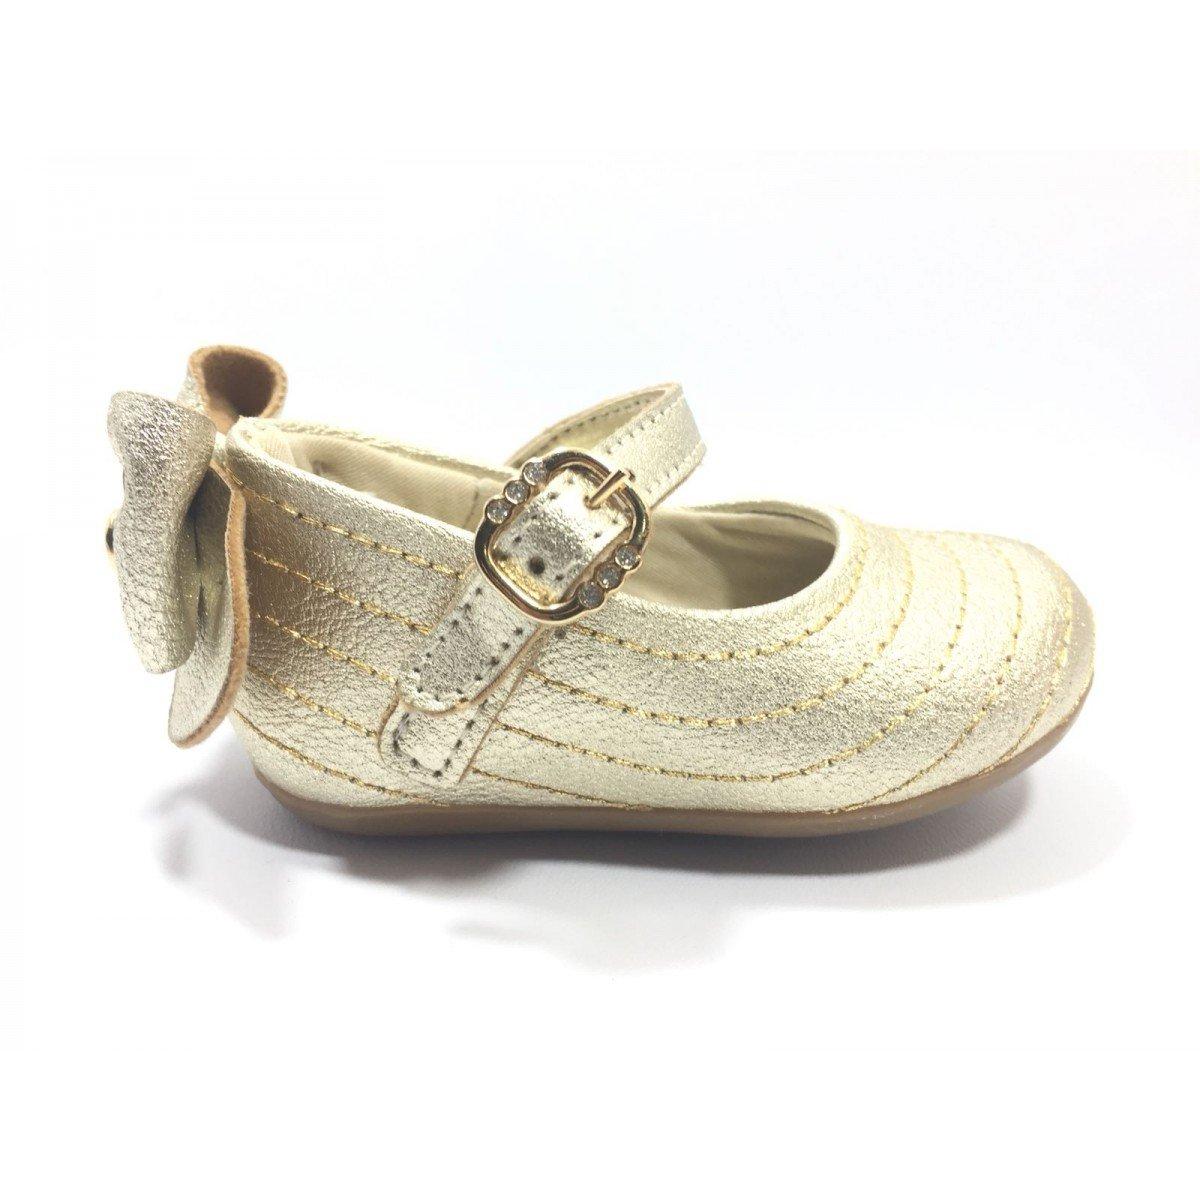 3e1959aa8 Sapatilha Infantil Klin Cravinho Princess Dourada - Compre Agora ...